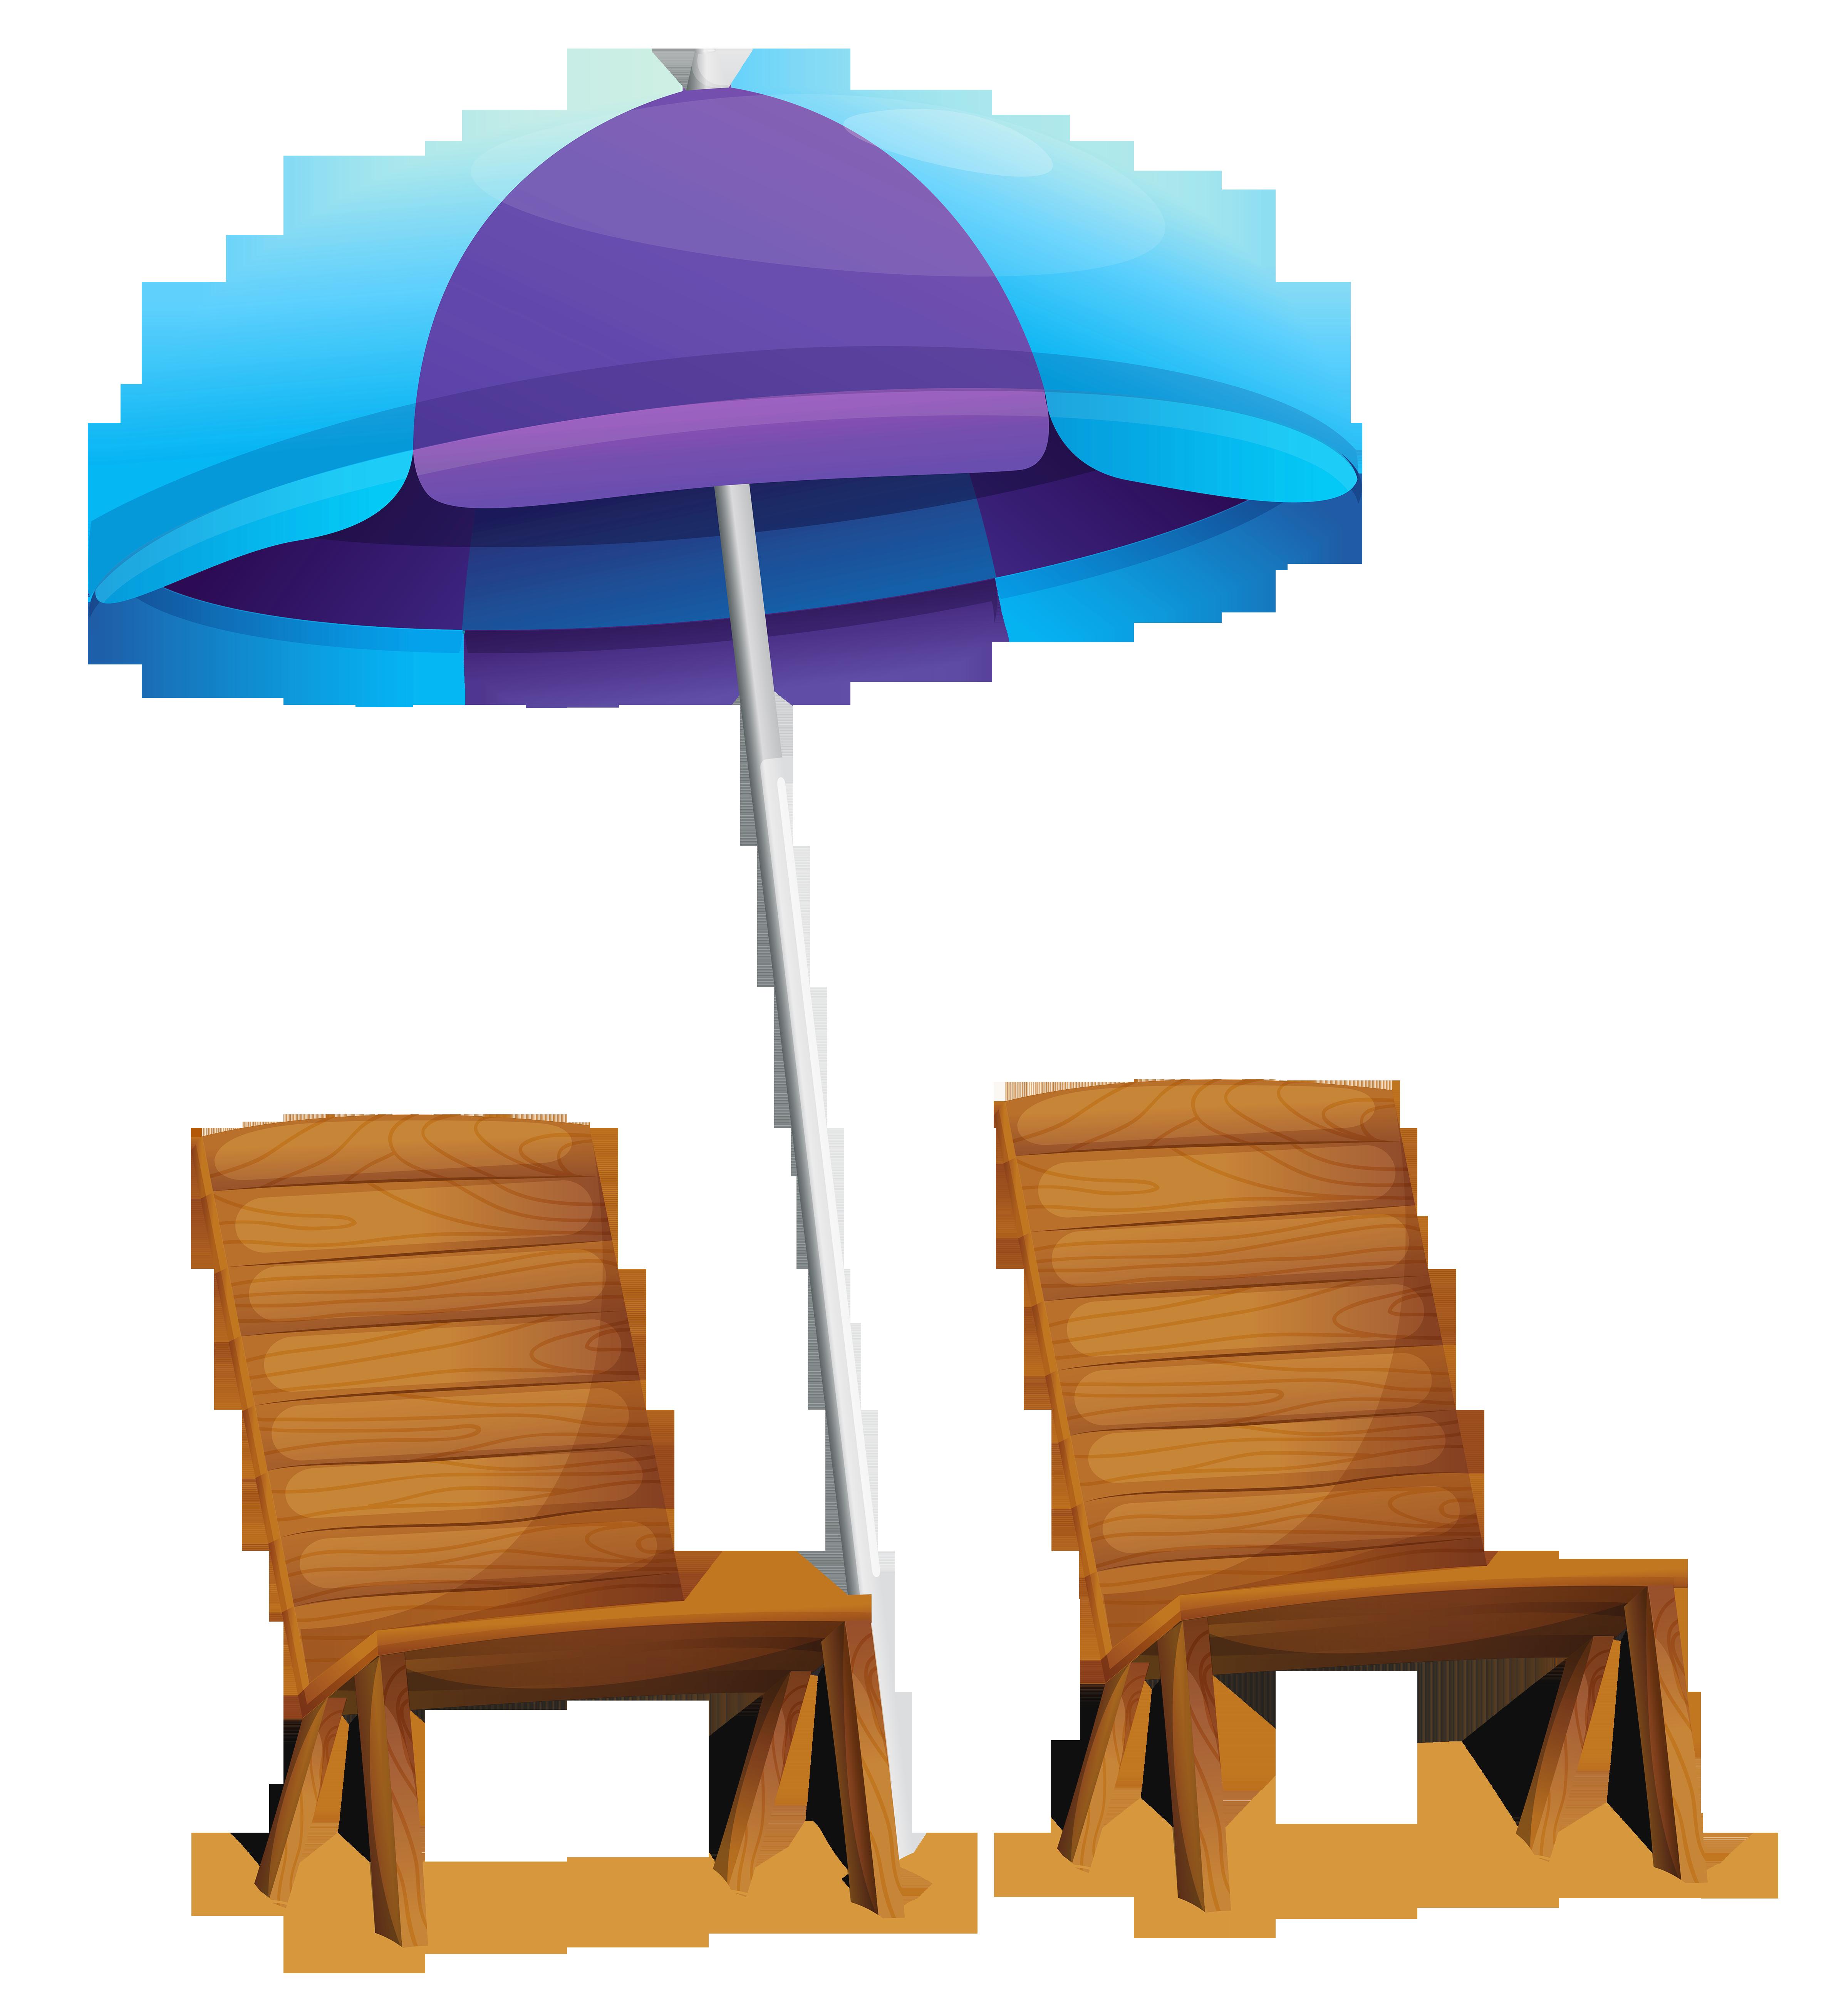 Clipart chair table chair. Transparent beach umbrella and